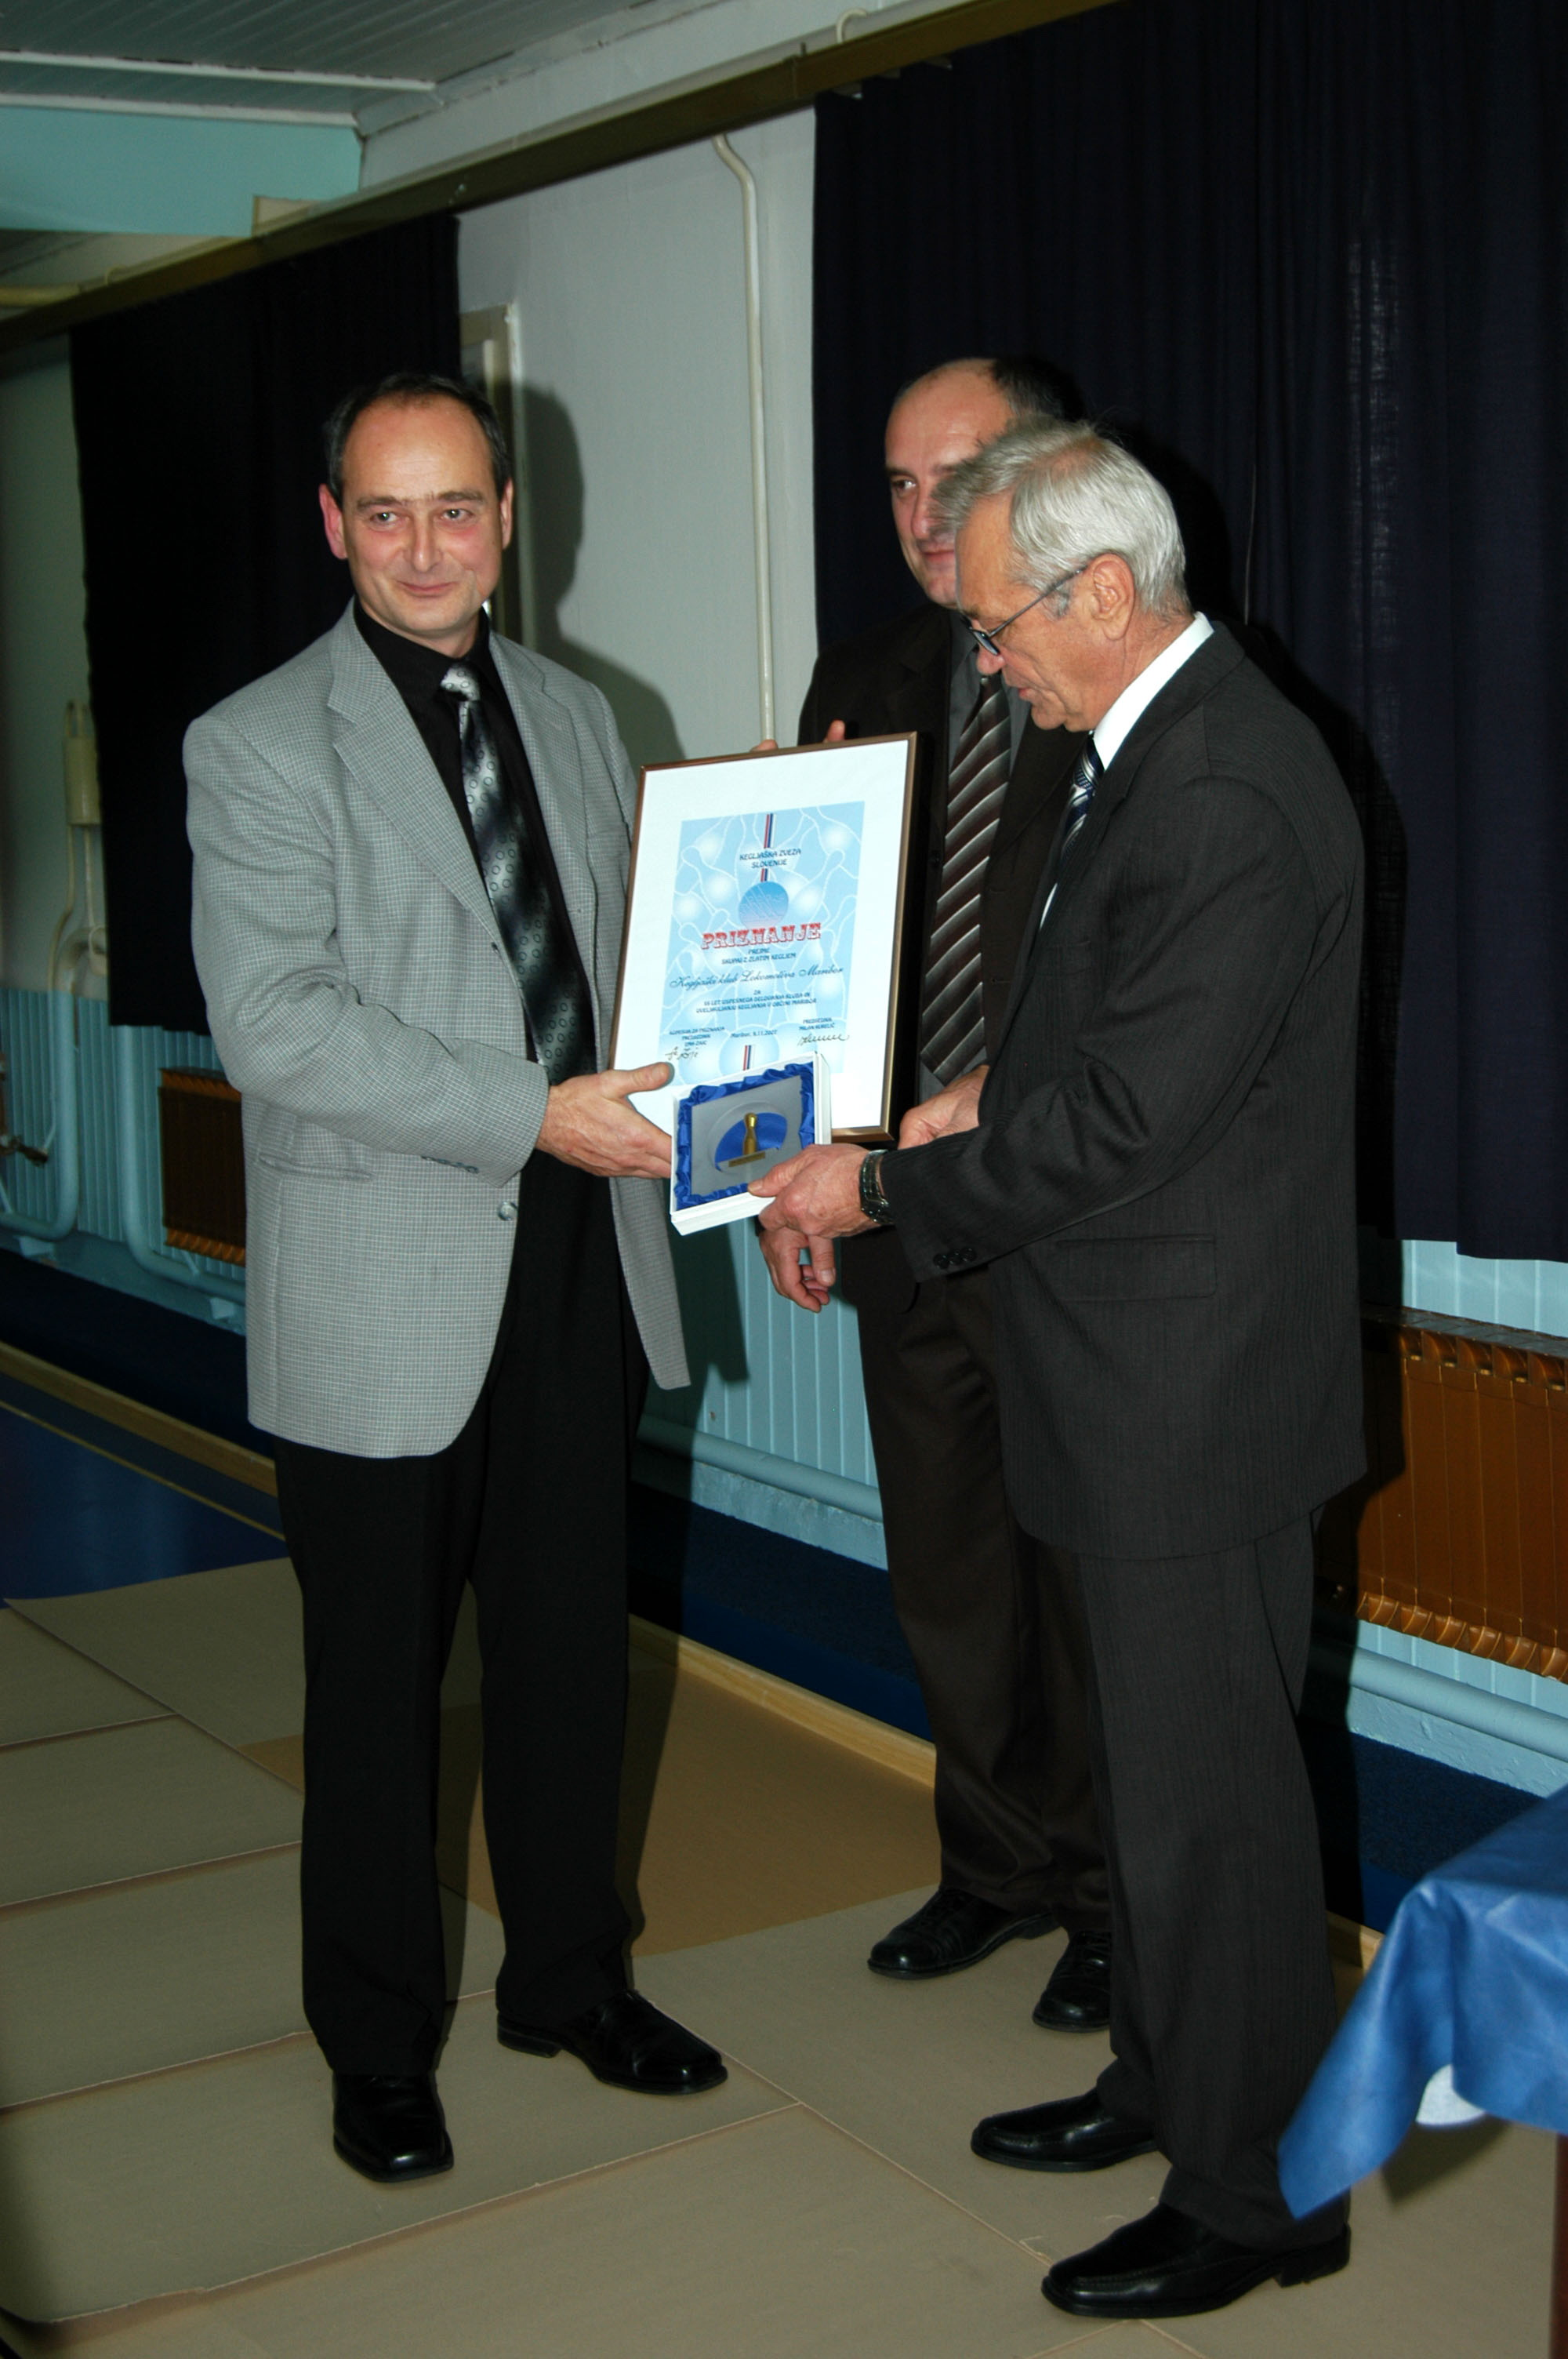 Zlati kegelj, Zmago Majer, 2007